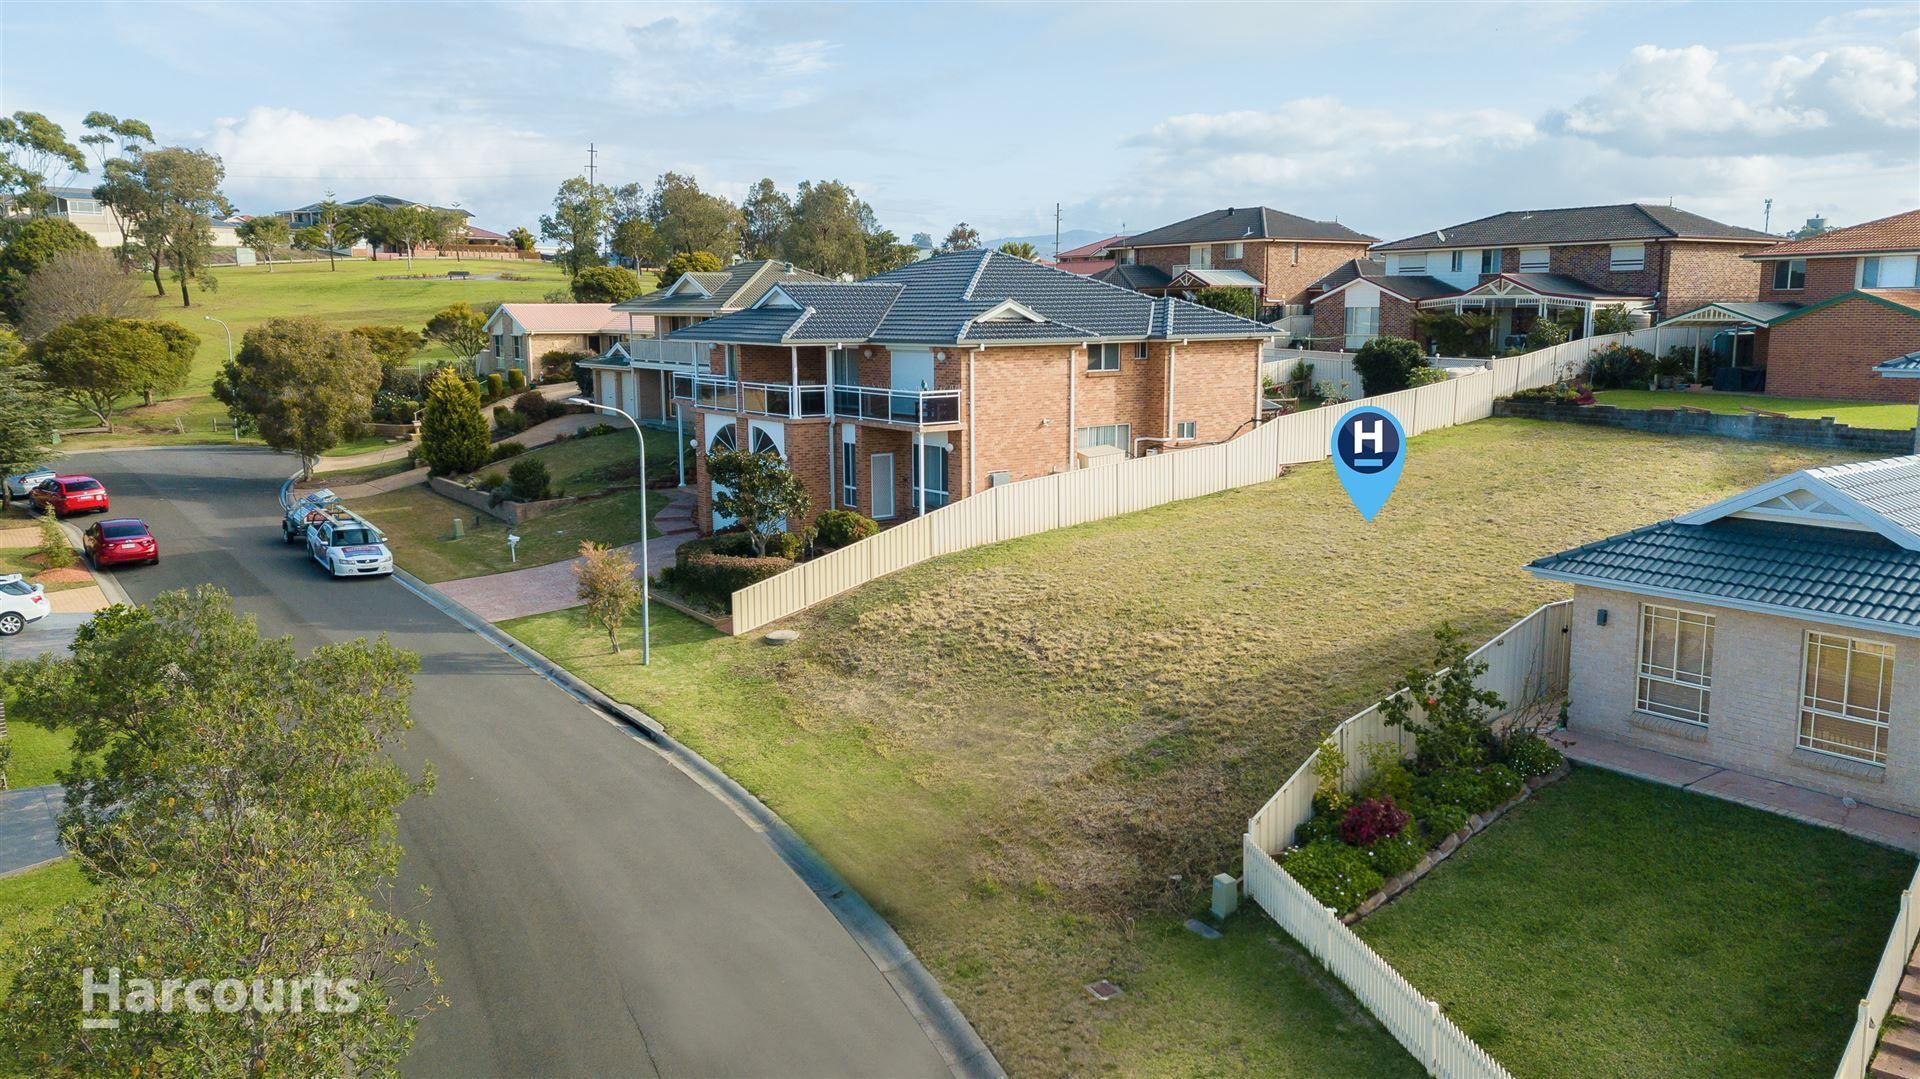 34 Panbula Place, Flinders NSW 2529, Image 2